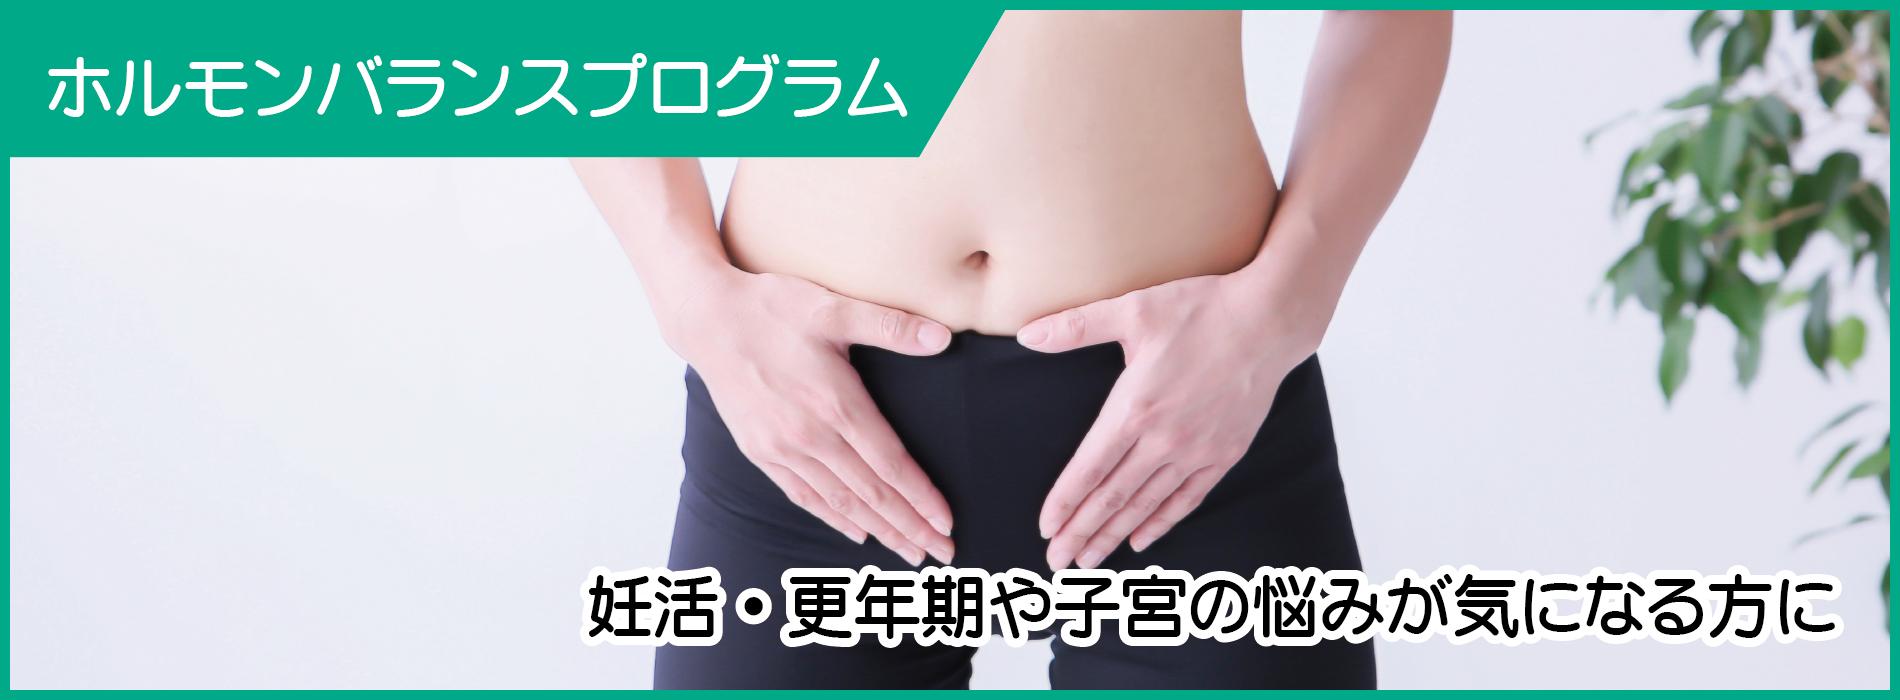 ホルモンバランスプログラム/妊活・更年期や子宮の悩みが気になる方に